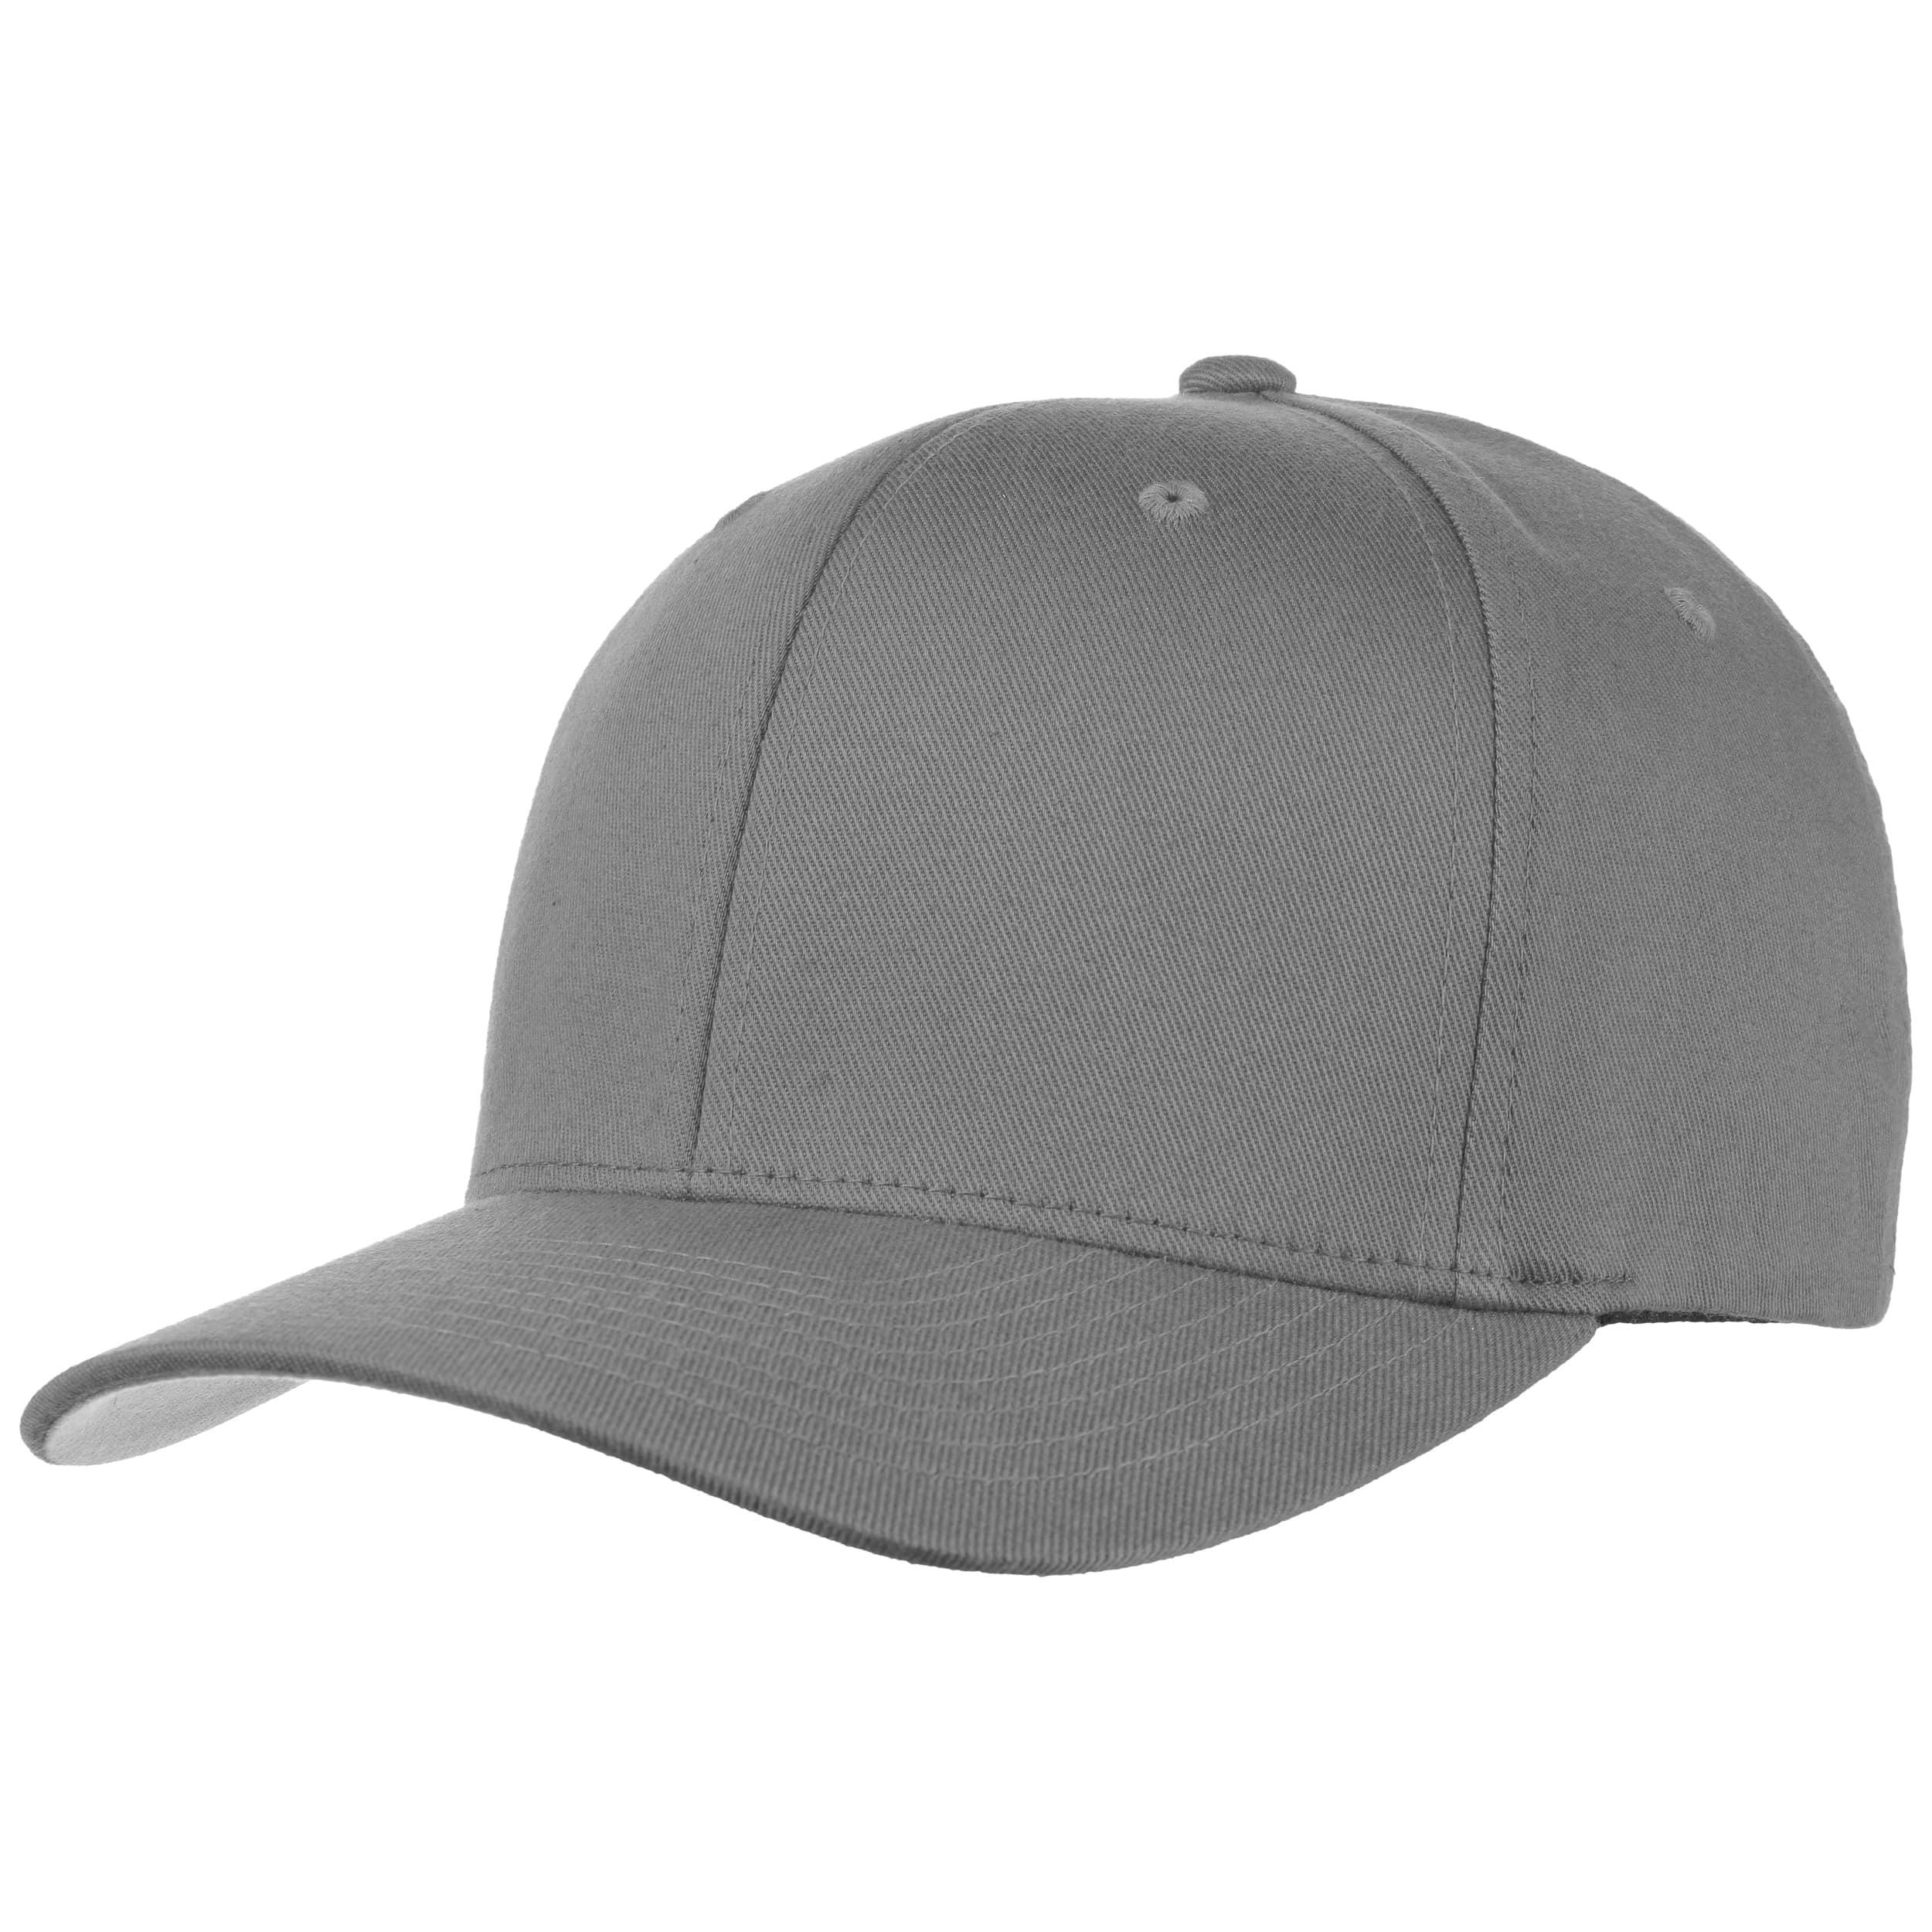 ... 4 · Spandex Flexfit Cap - grey 2 ... 9d1d23f9c063